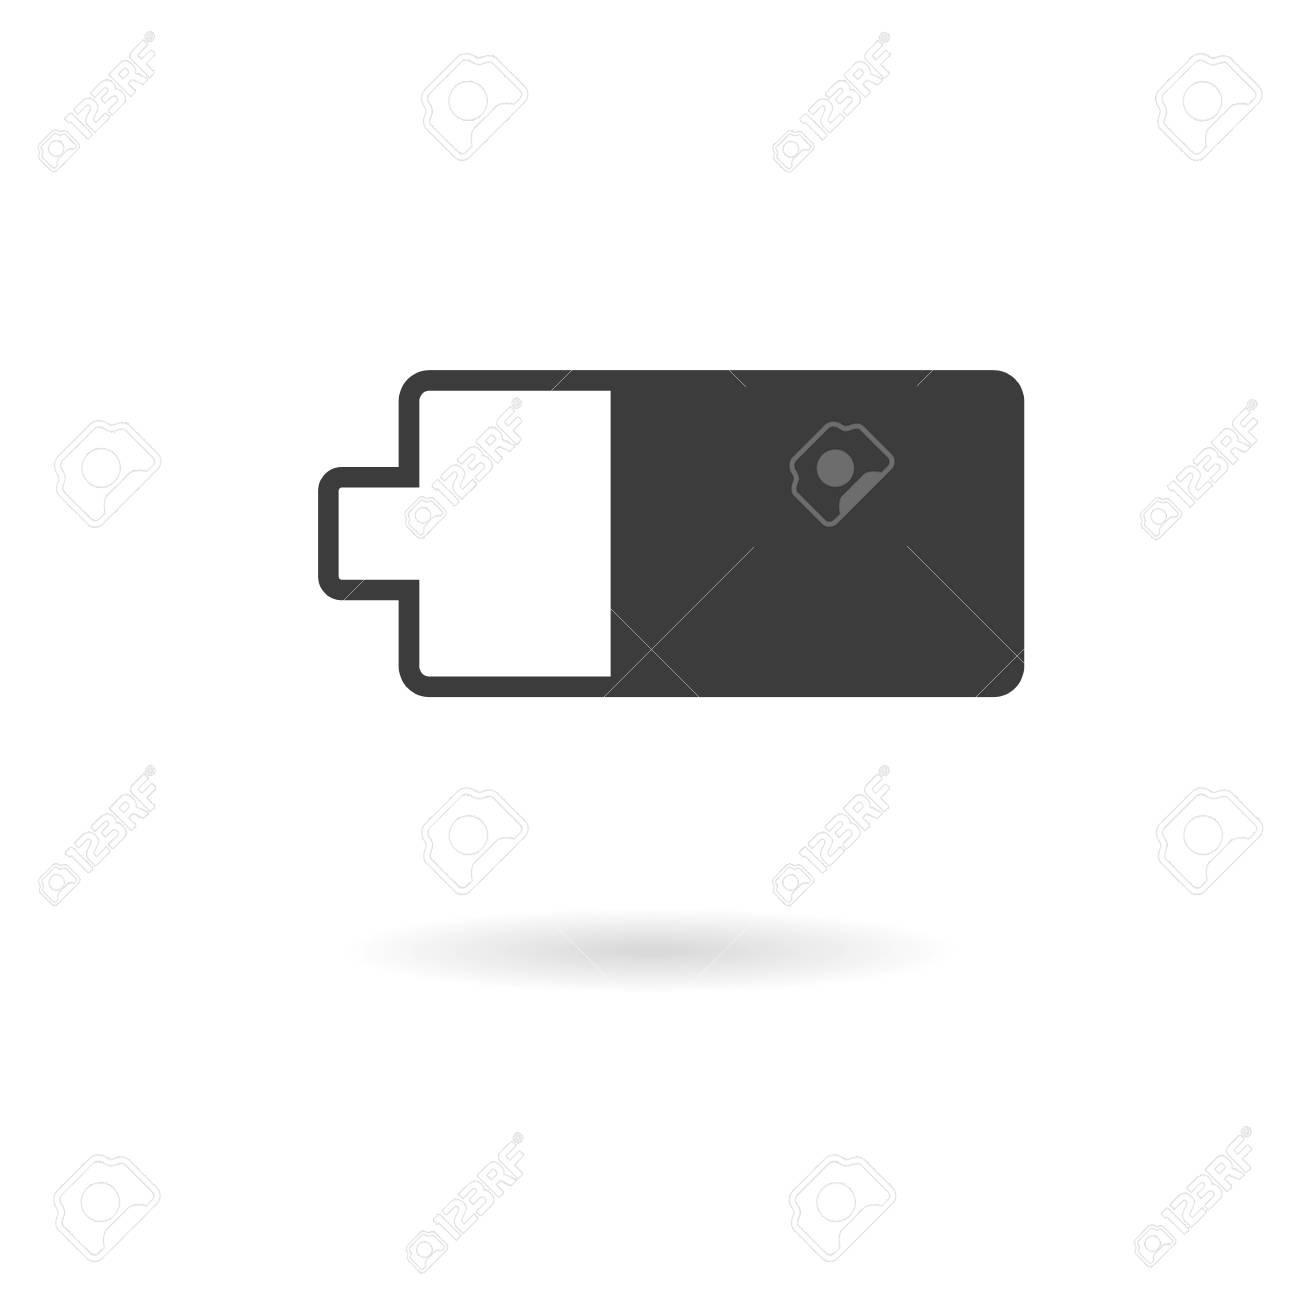 Aislado oscuro icono gris de dos tercios de la batería cargada en el fondo  blanco con la sombra